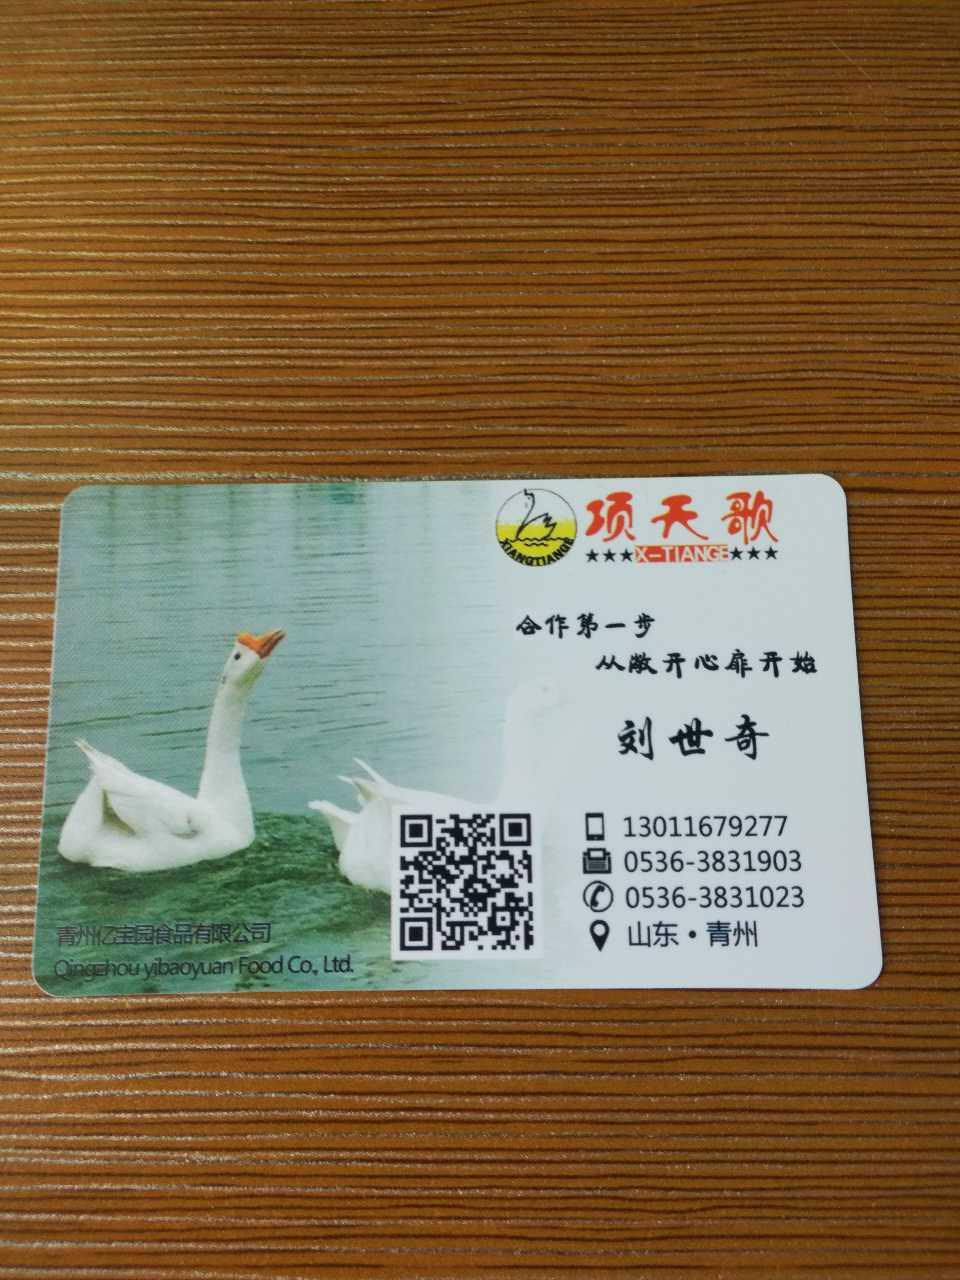 来自刘世奇发布的商务合作信息:... - 青州市亿宝园食品有限公司